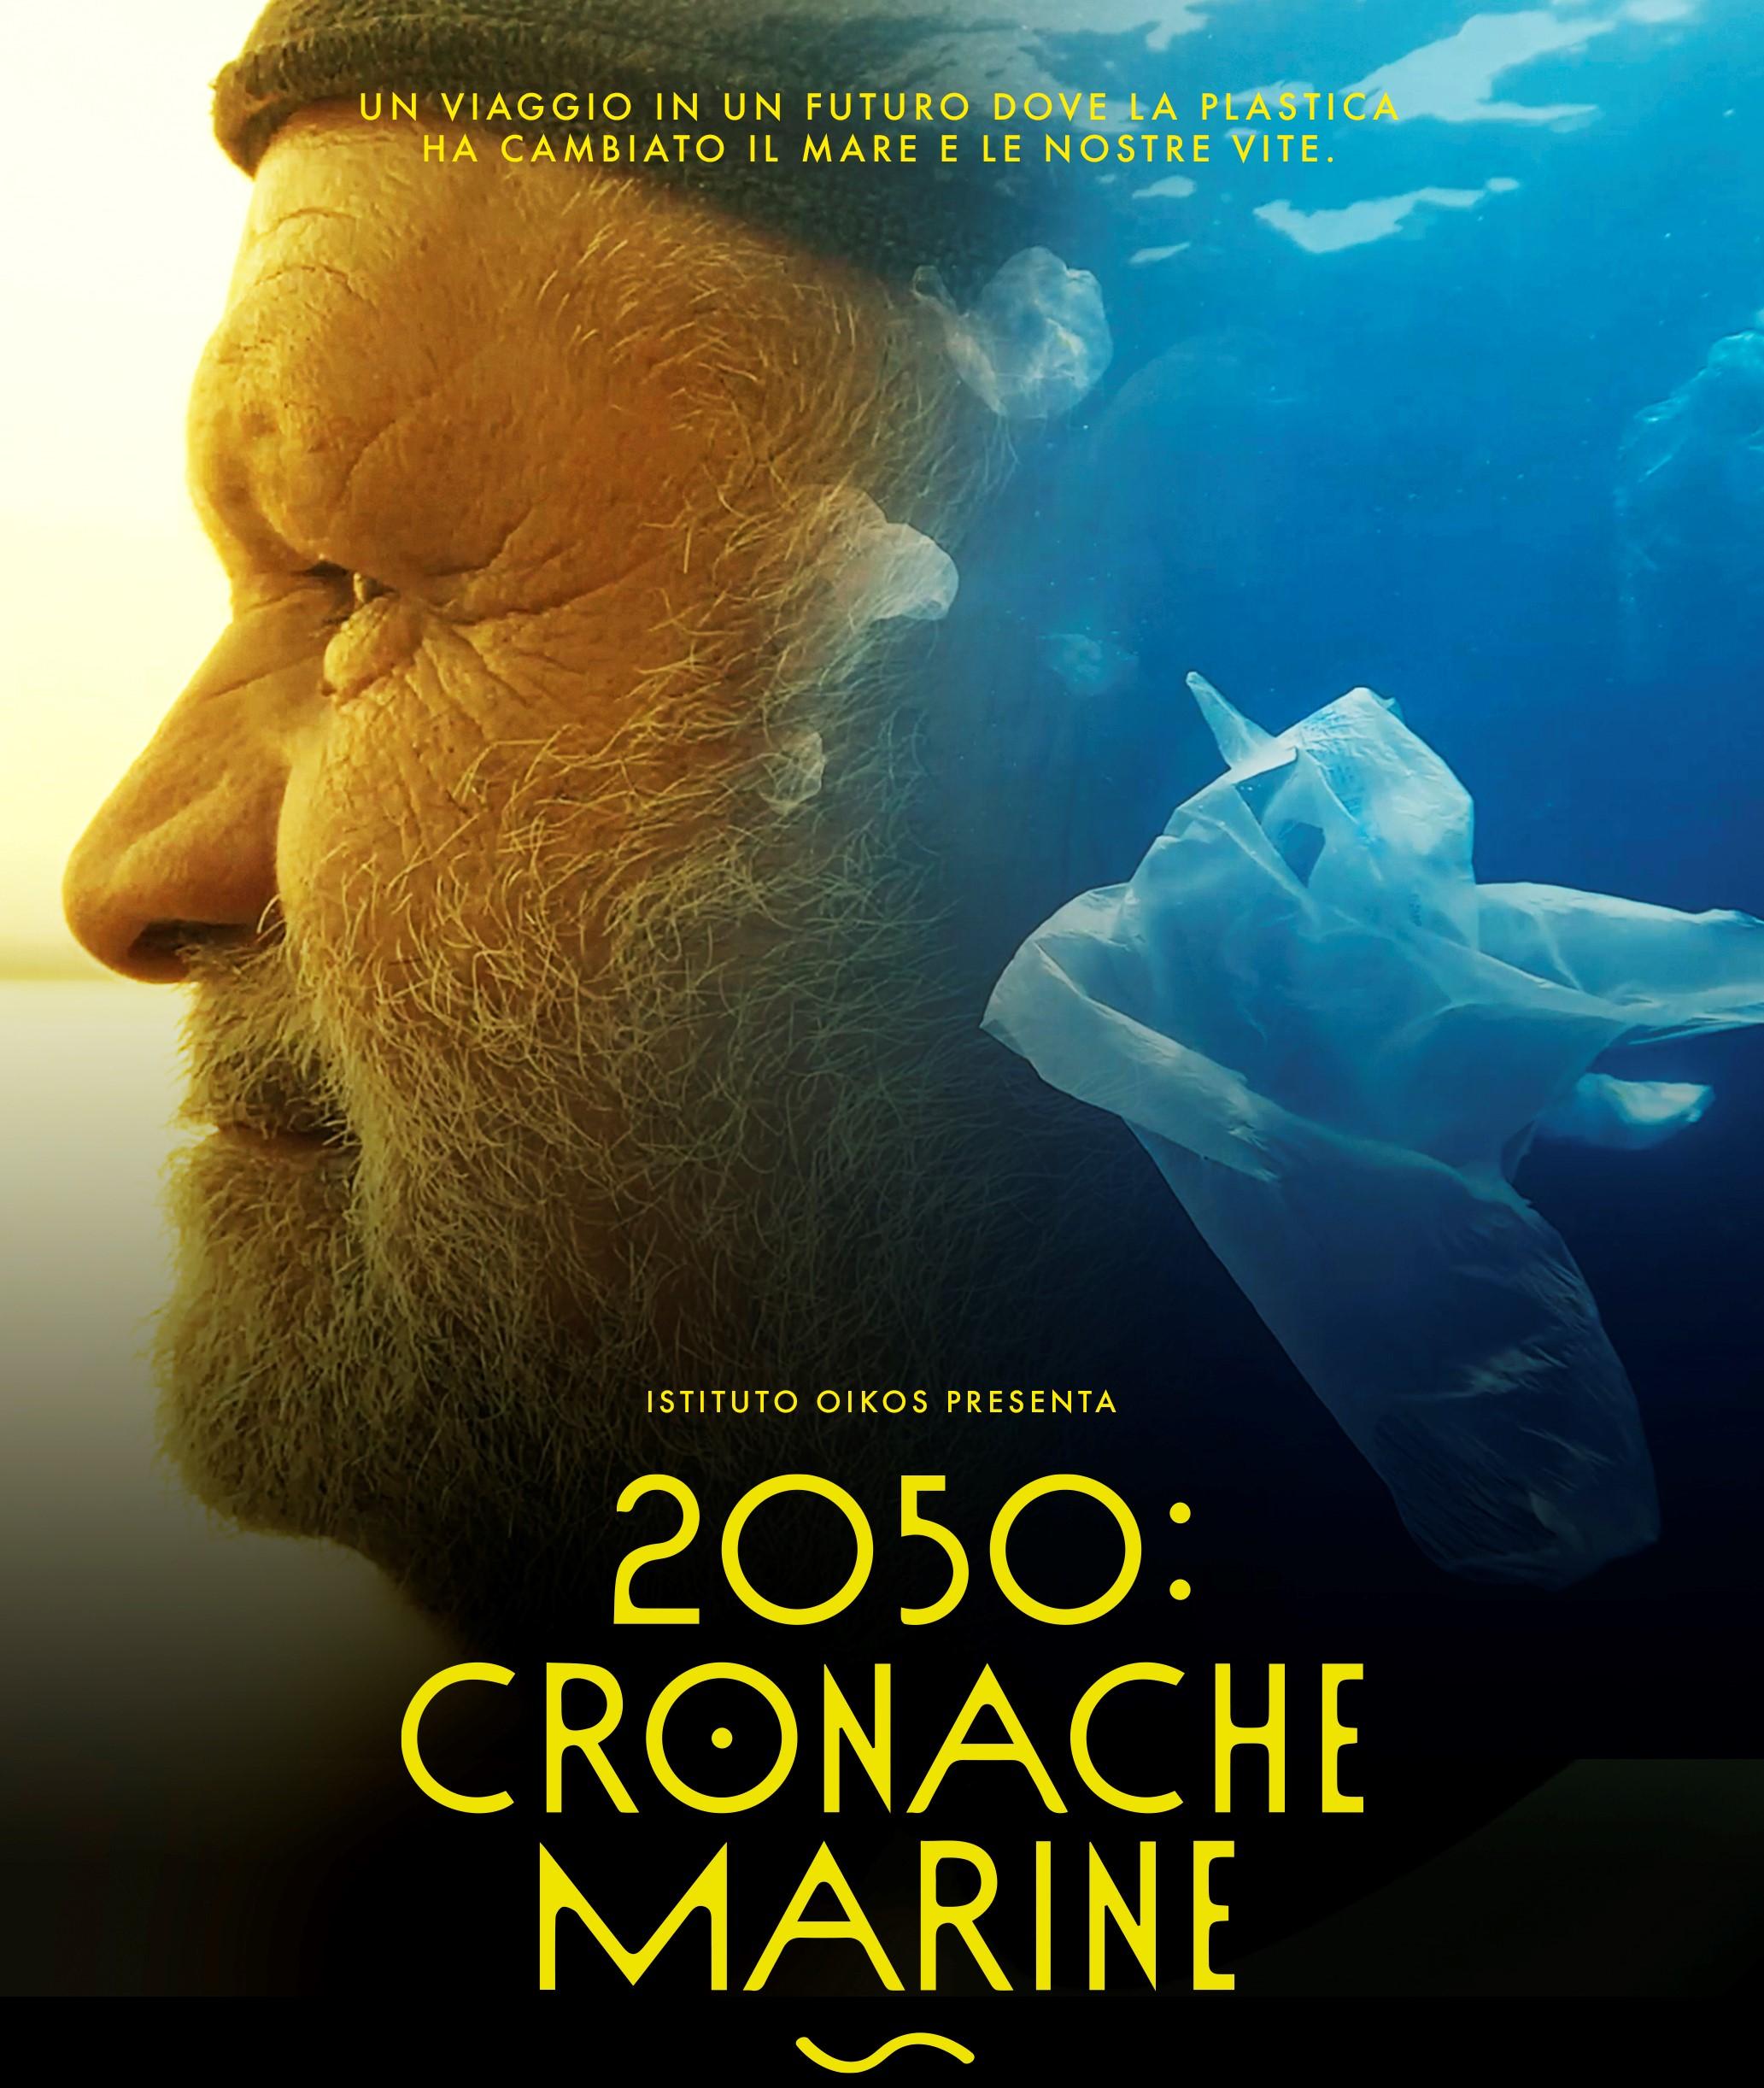 2050cronachemarineposter.jpg